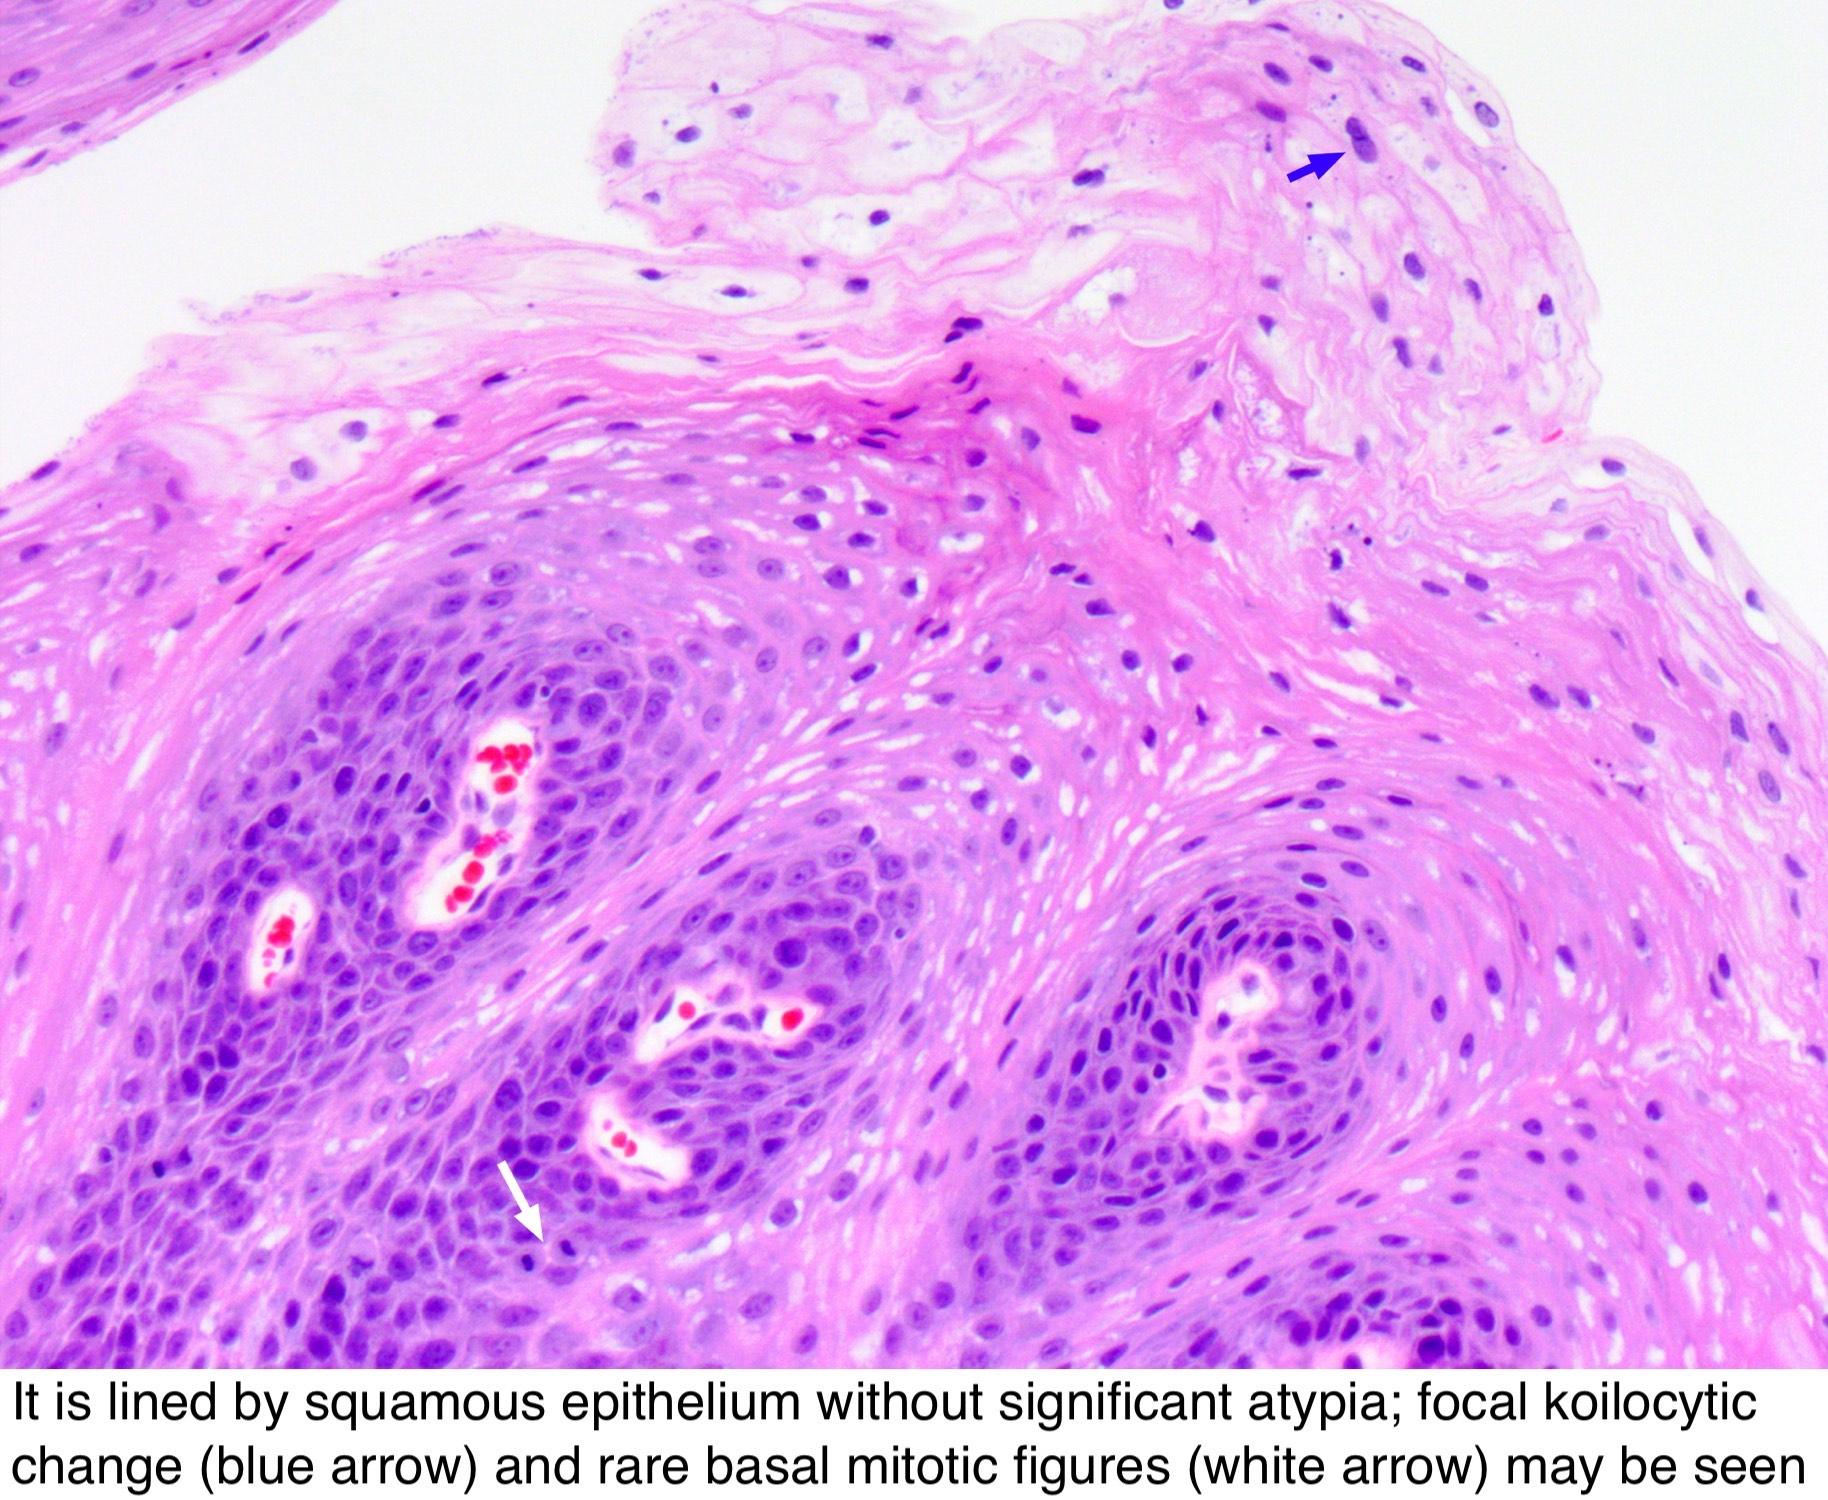 exophytic schneiderian papilloma anemie zeichen